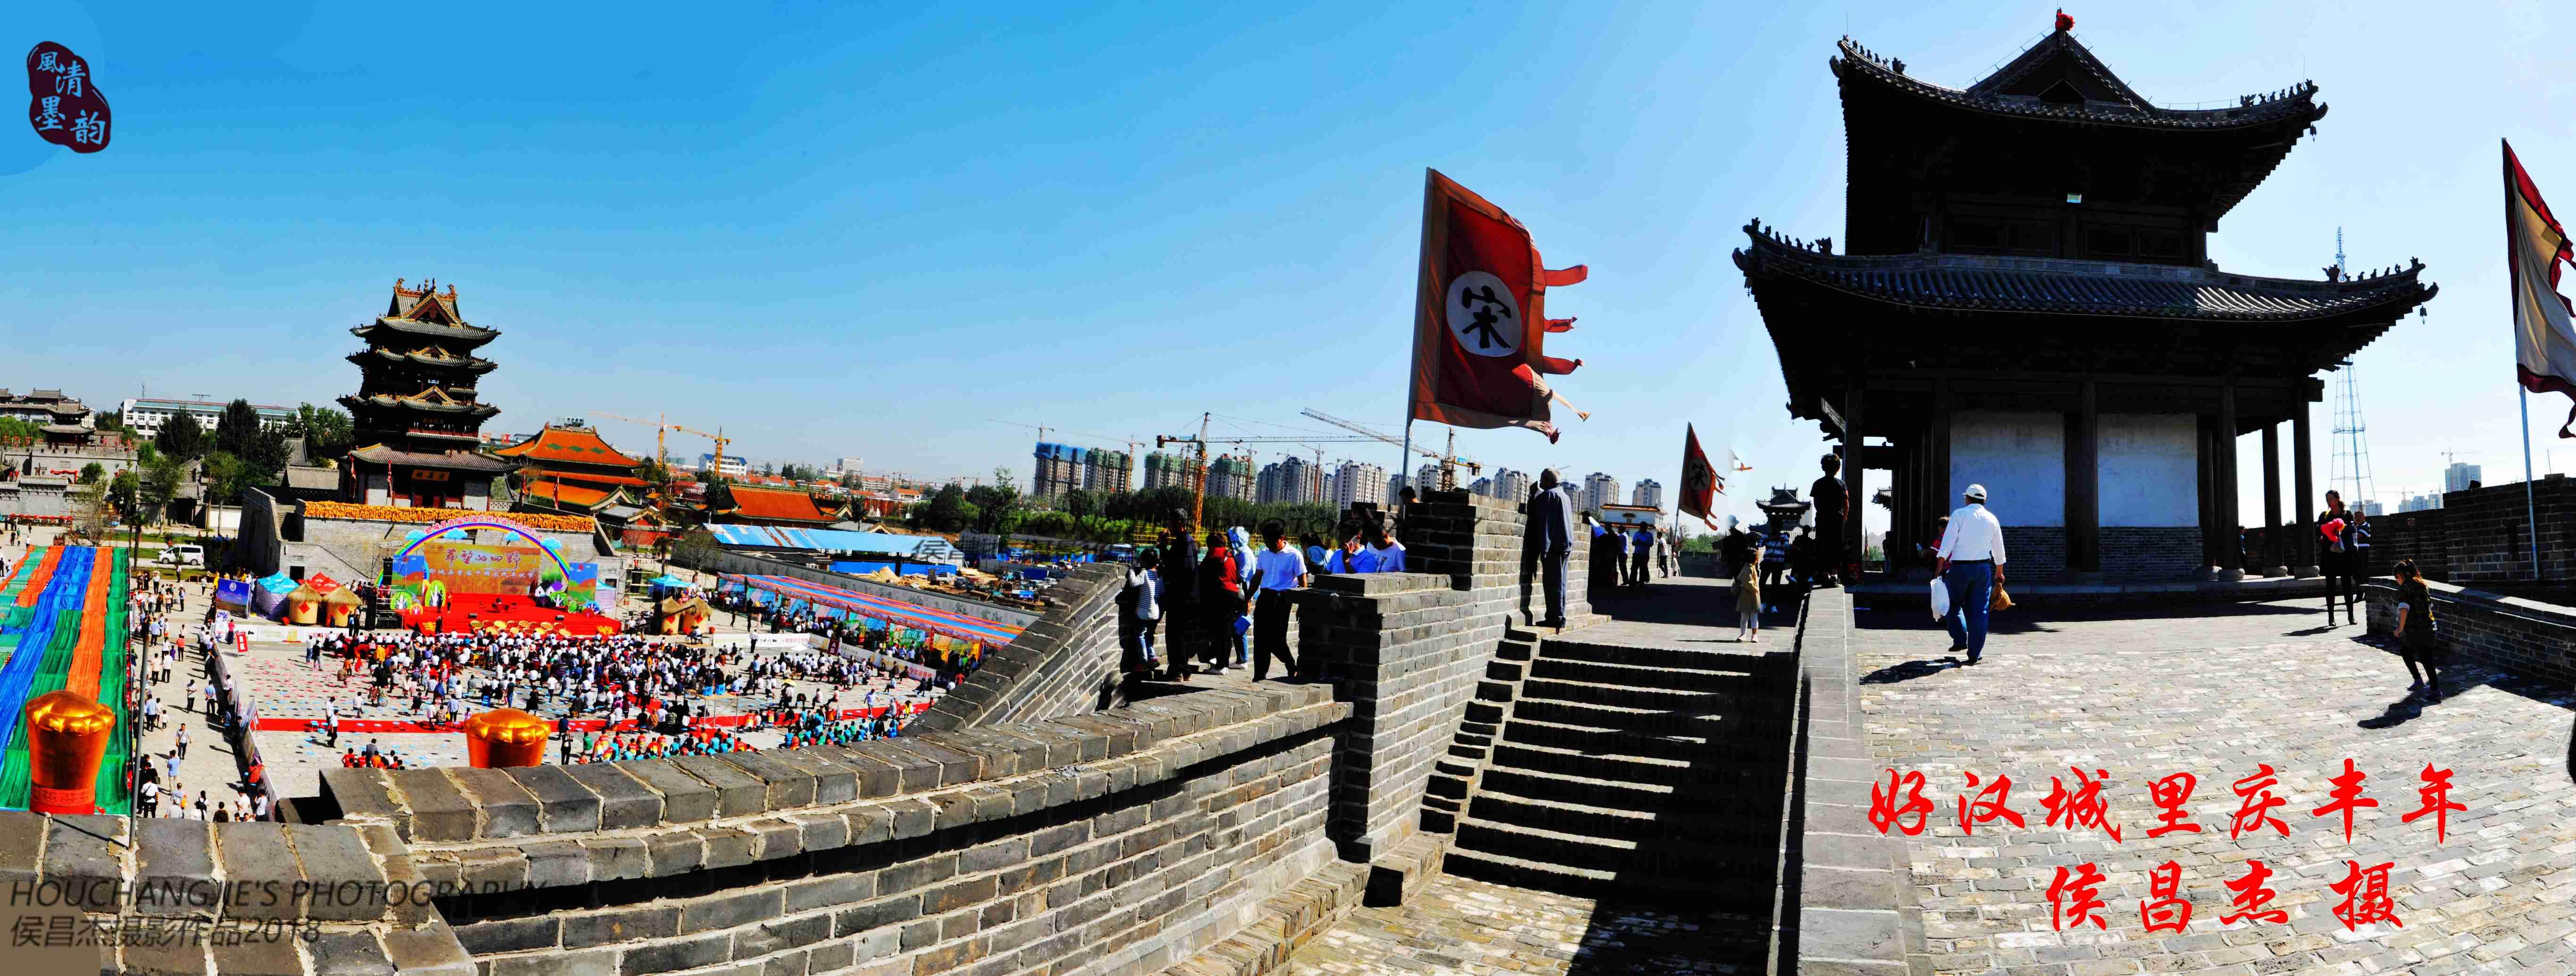 每日一片(2815)郓城县庆祝首个中国农民丰收节影记